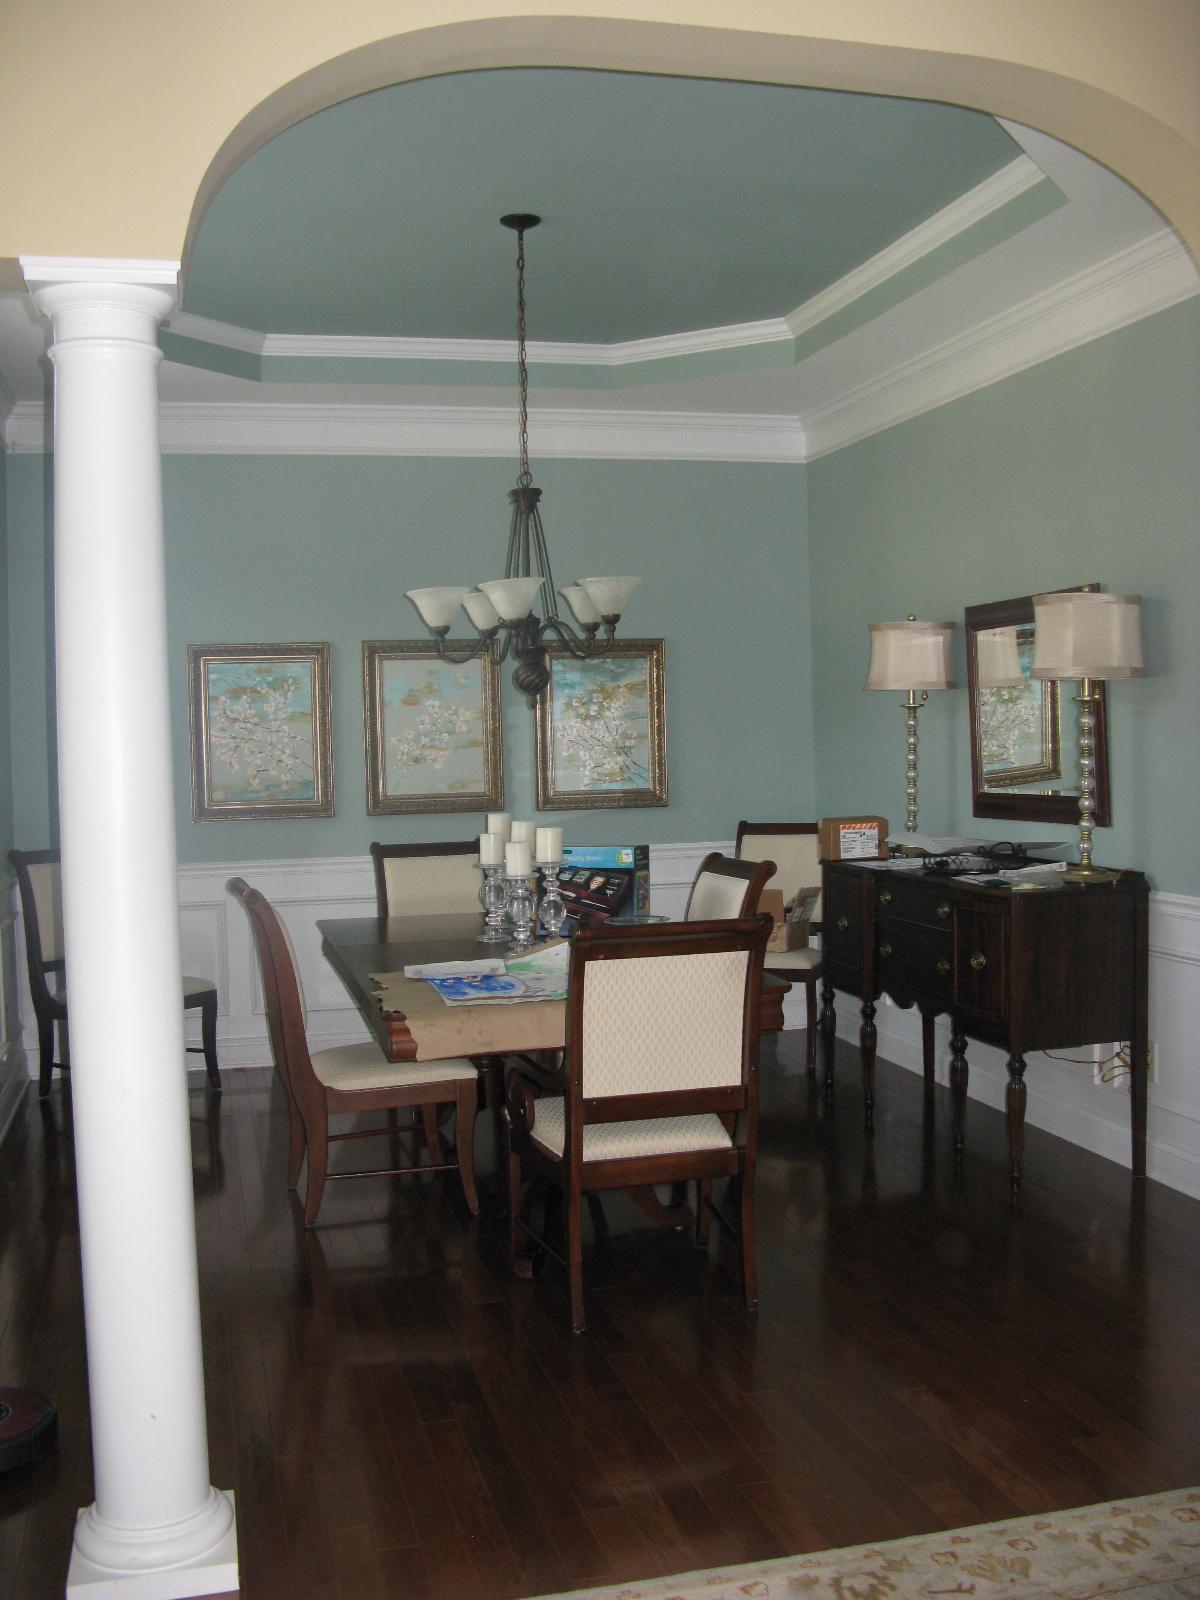 Tiny Home Designs: Decor You Adore: Go BIG Or Go Home-decorating With High